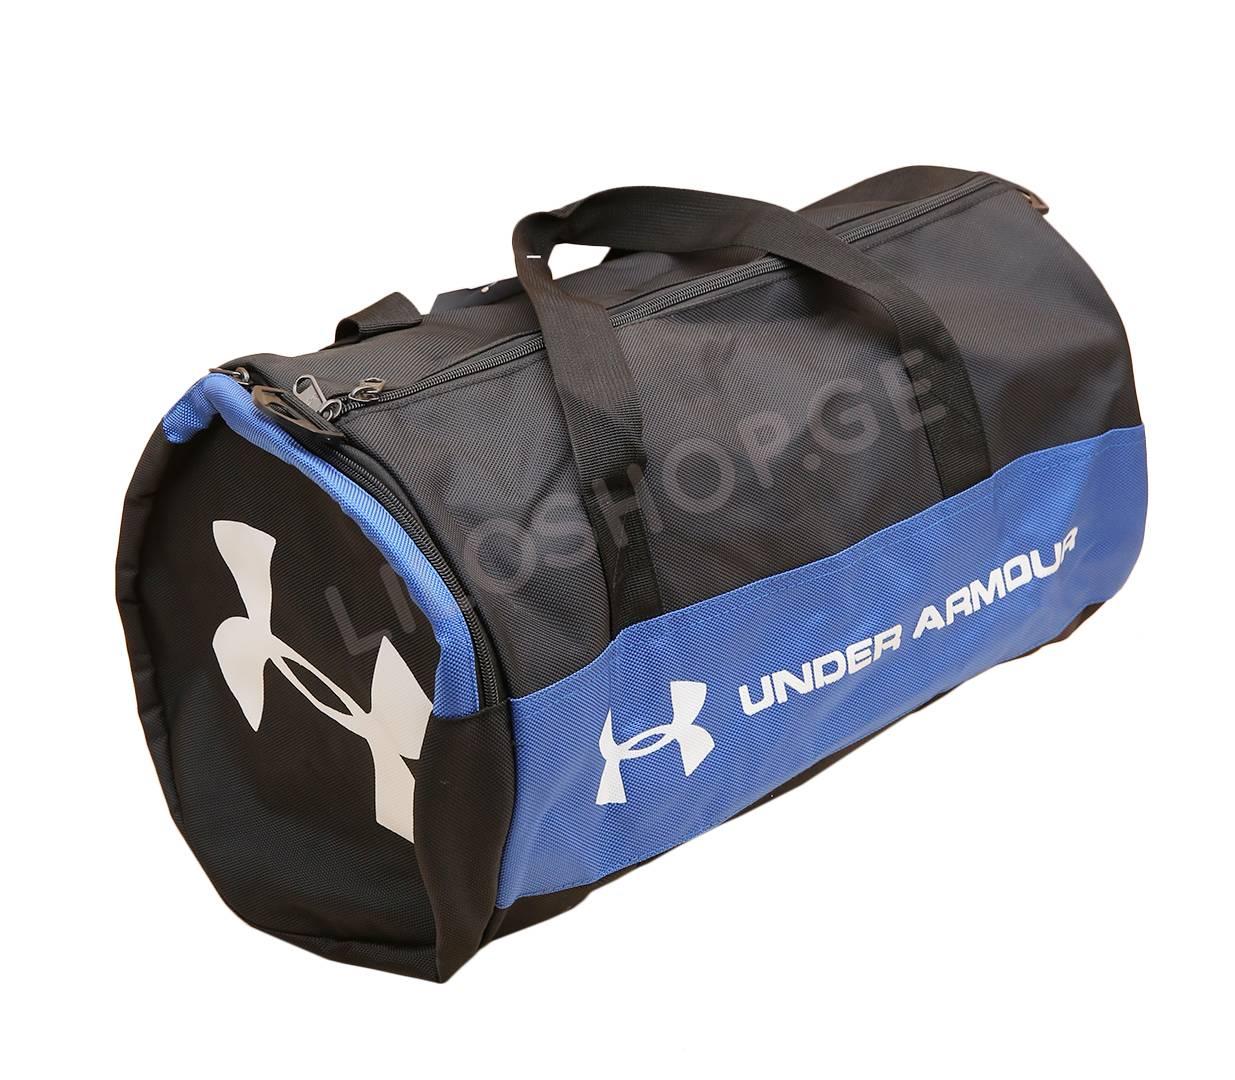 7cc14a68 Дорожная сумка UNDER ARMOUR BS16. Главная/ Сумки, рюкзаки, чемоданы/  Спортивные ...